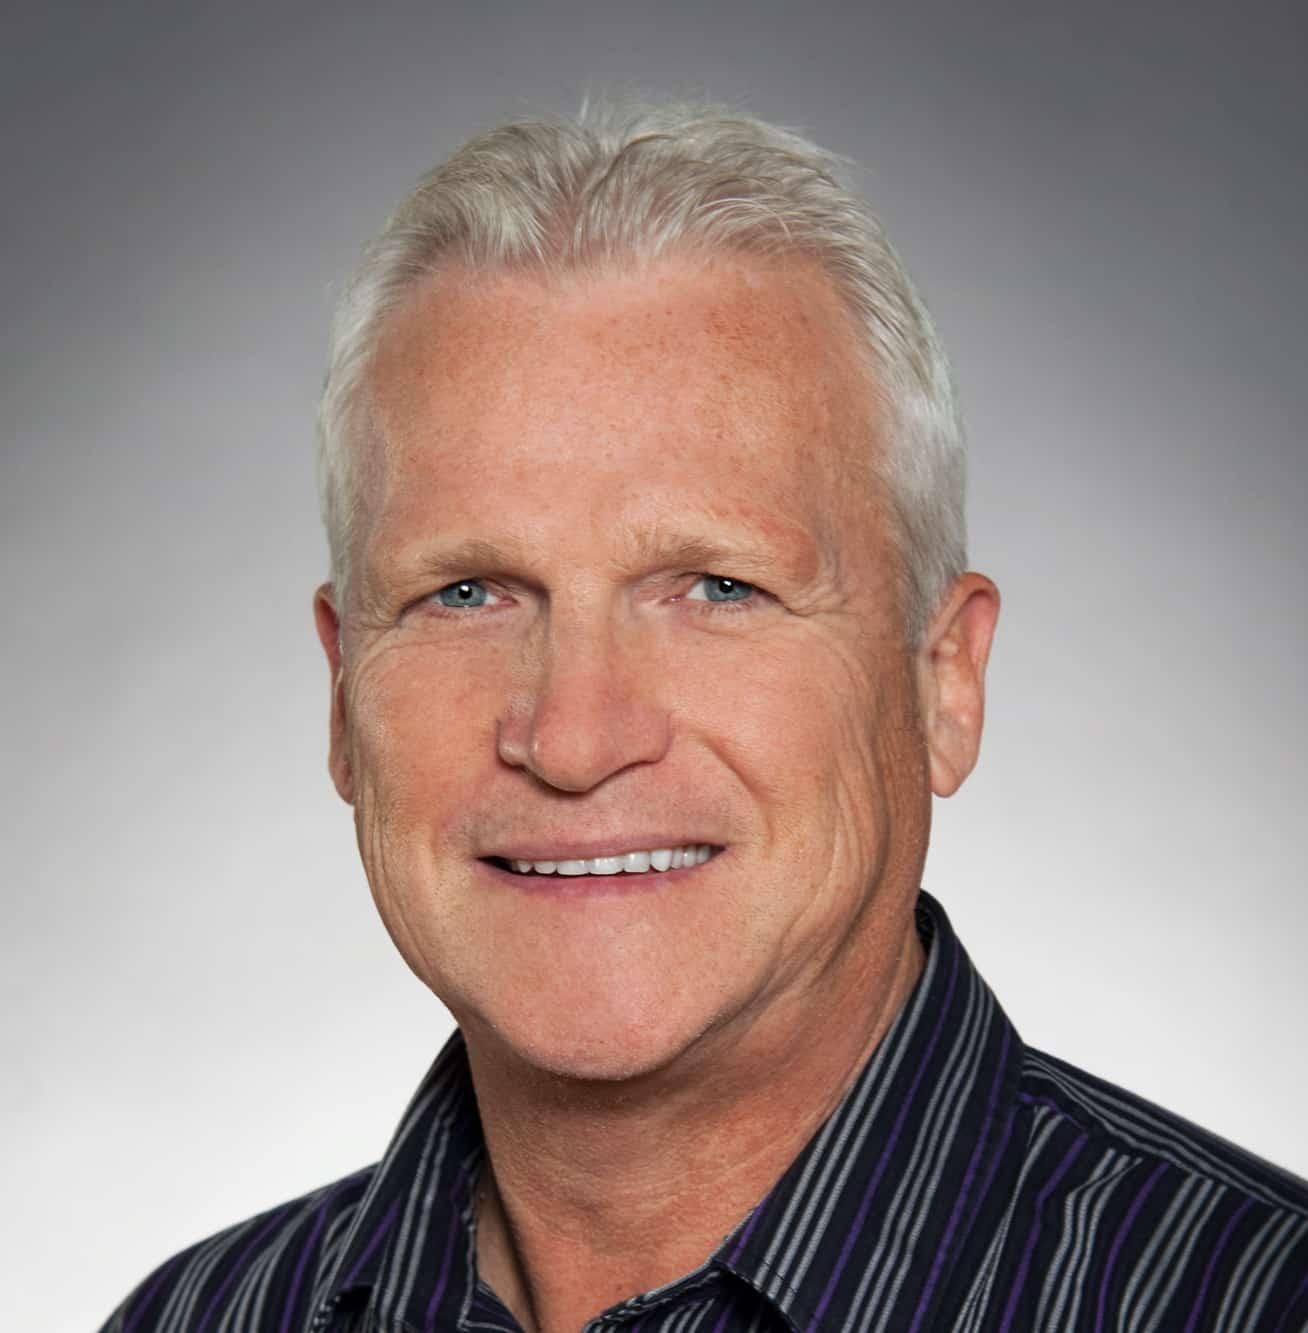 Eric Haak